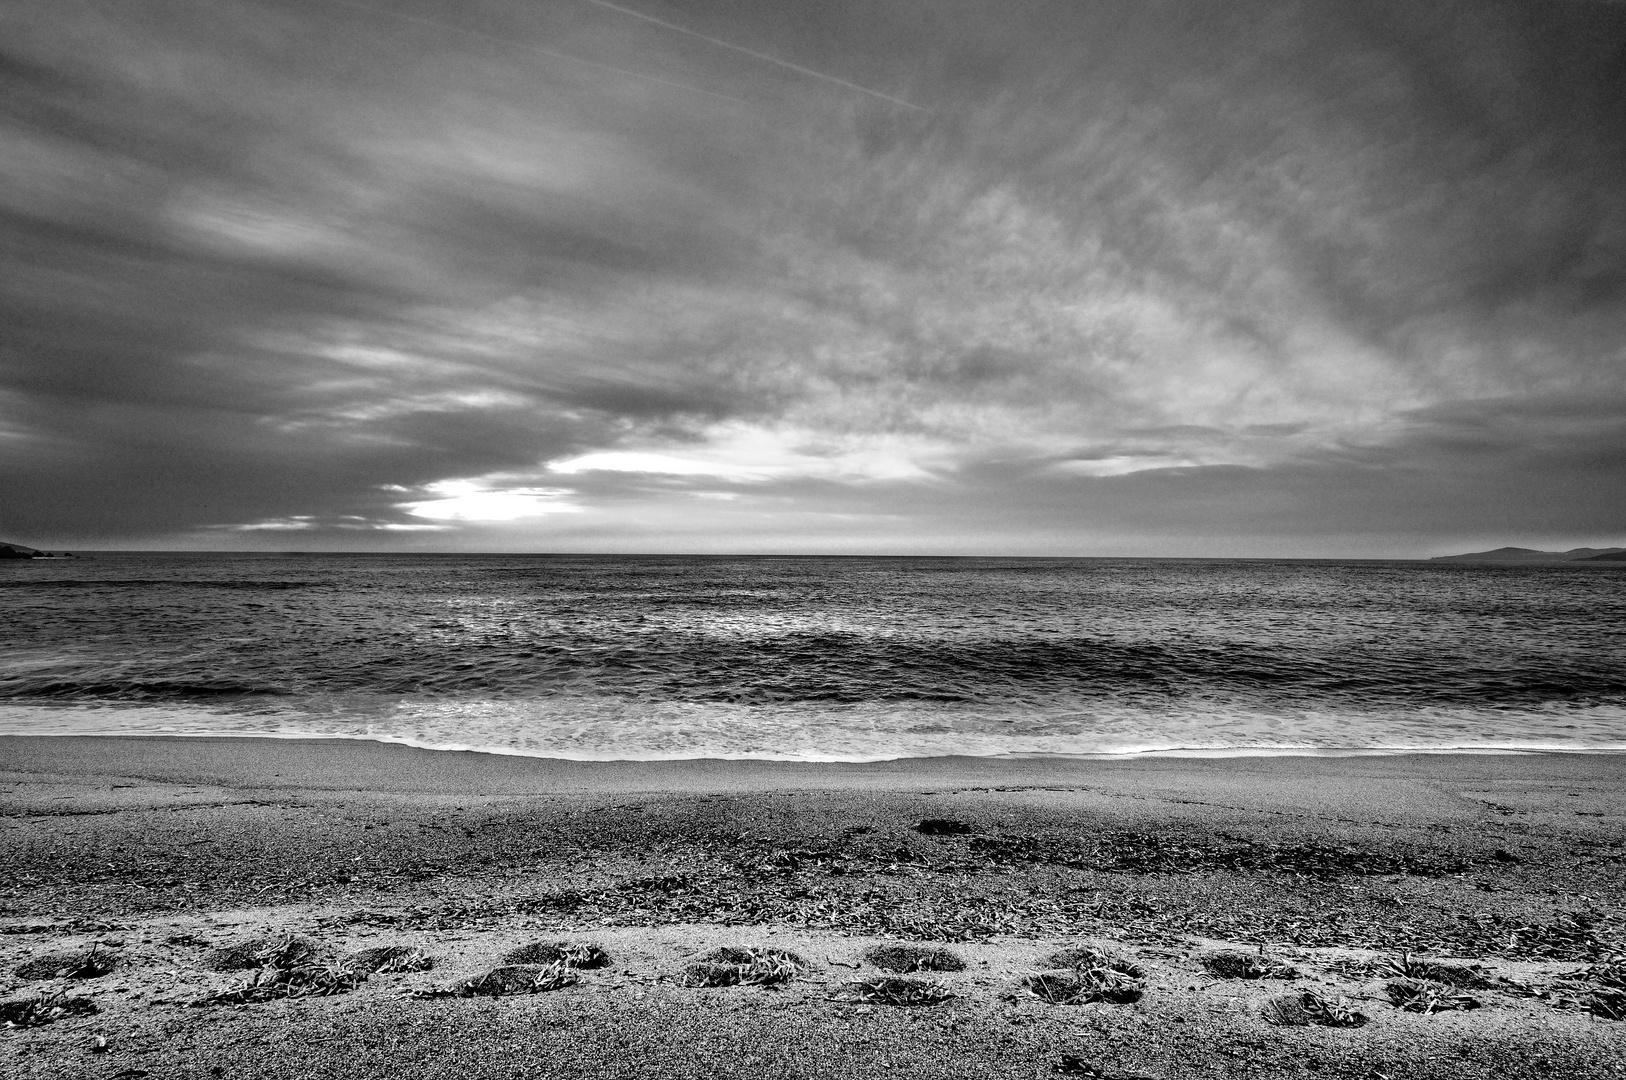 La plage du Liamone dans le golfe de Sagone après le passage d'un promeneur